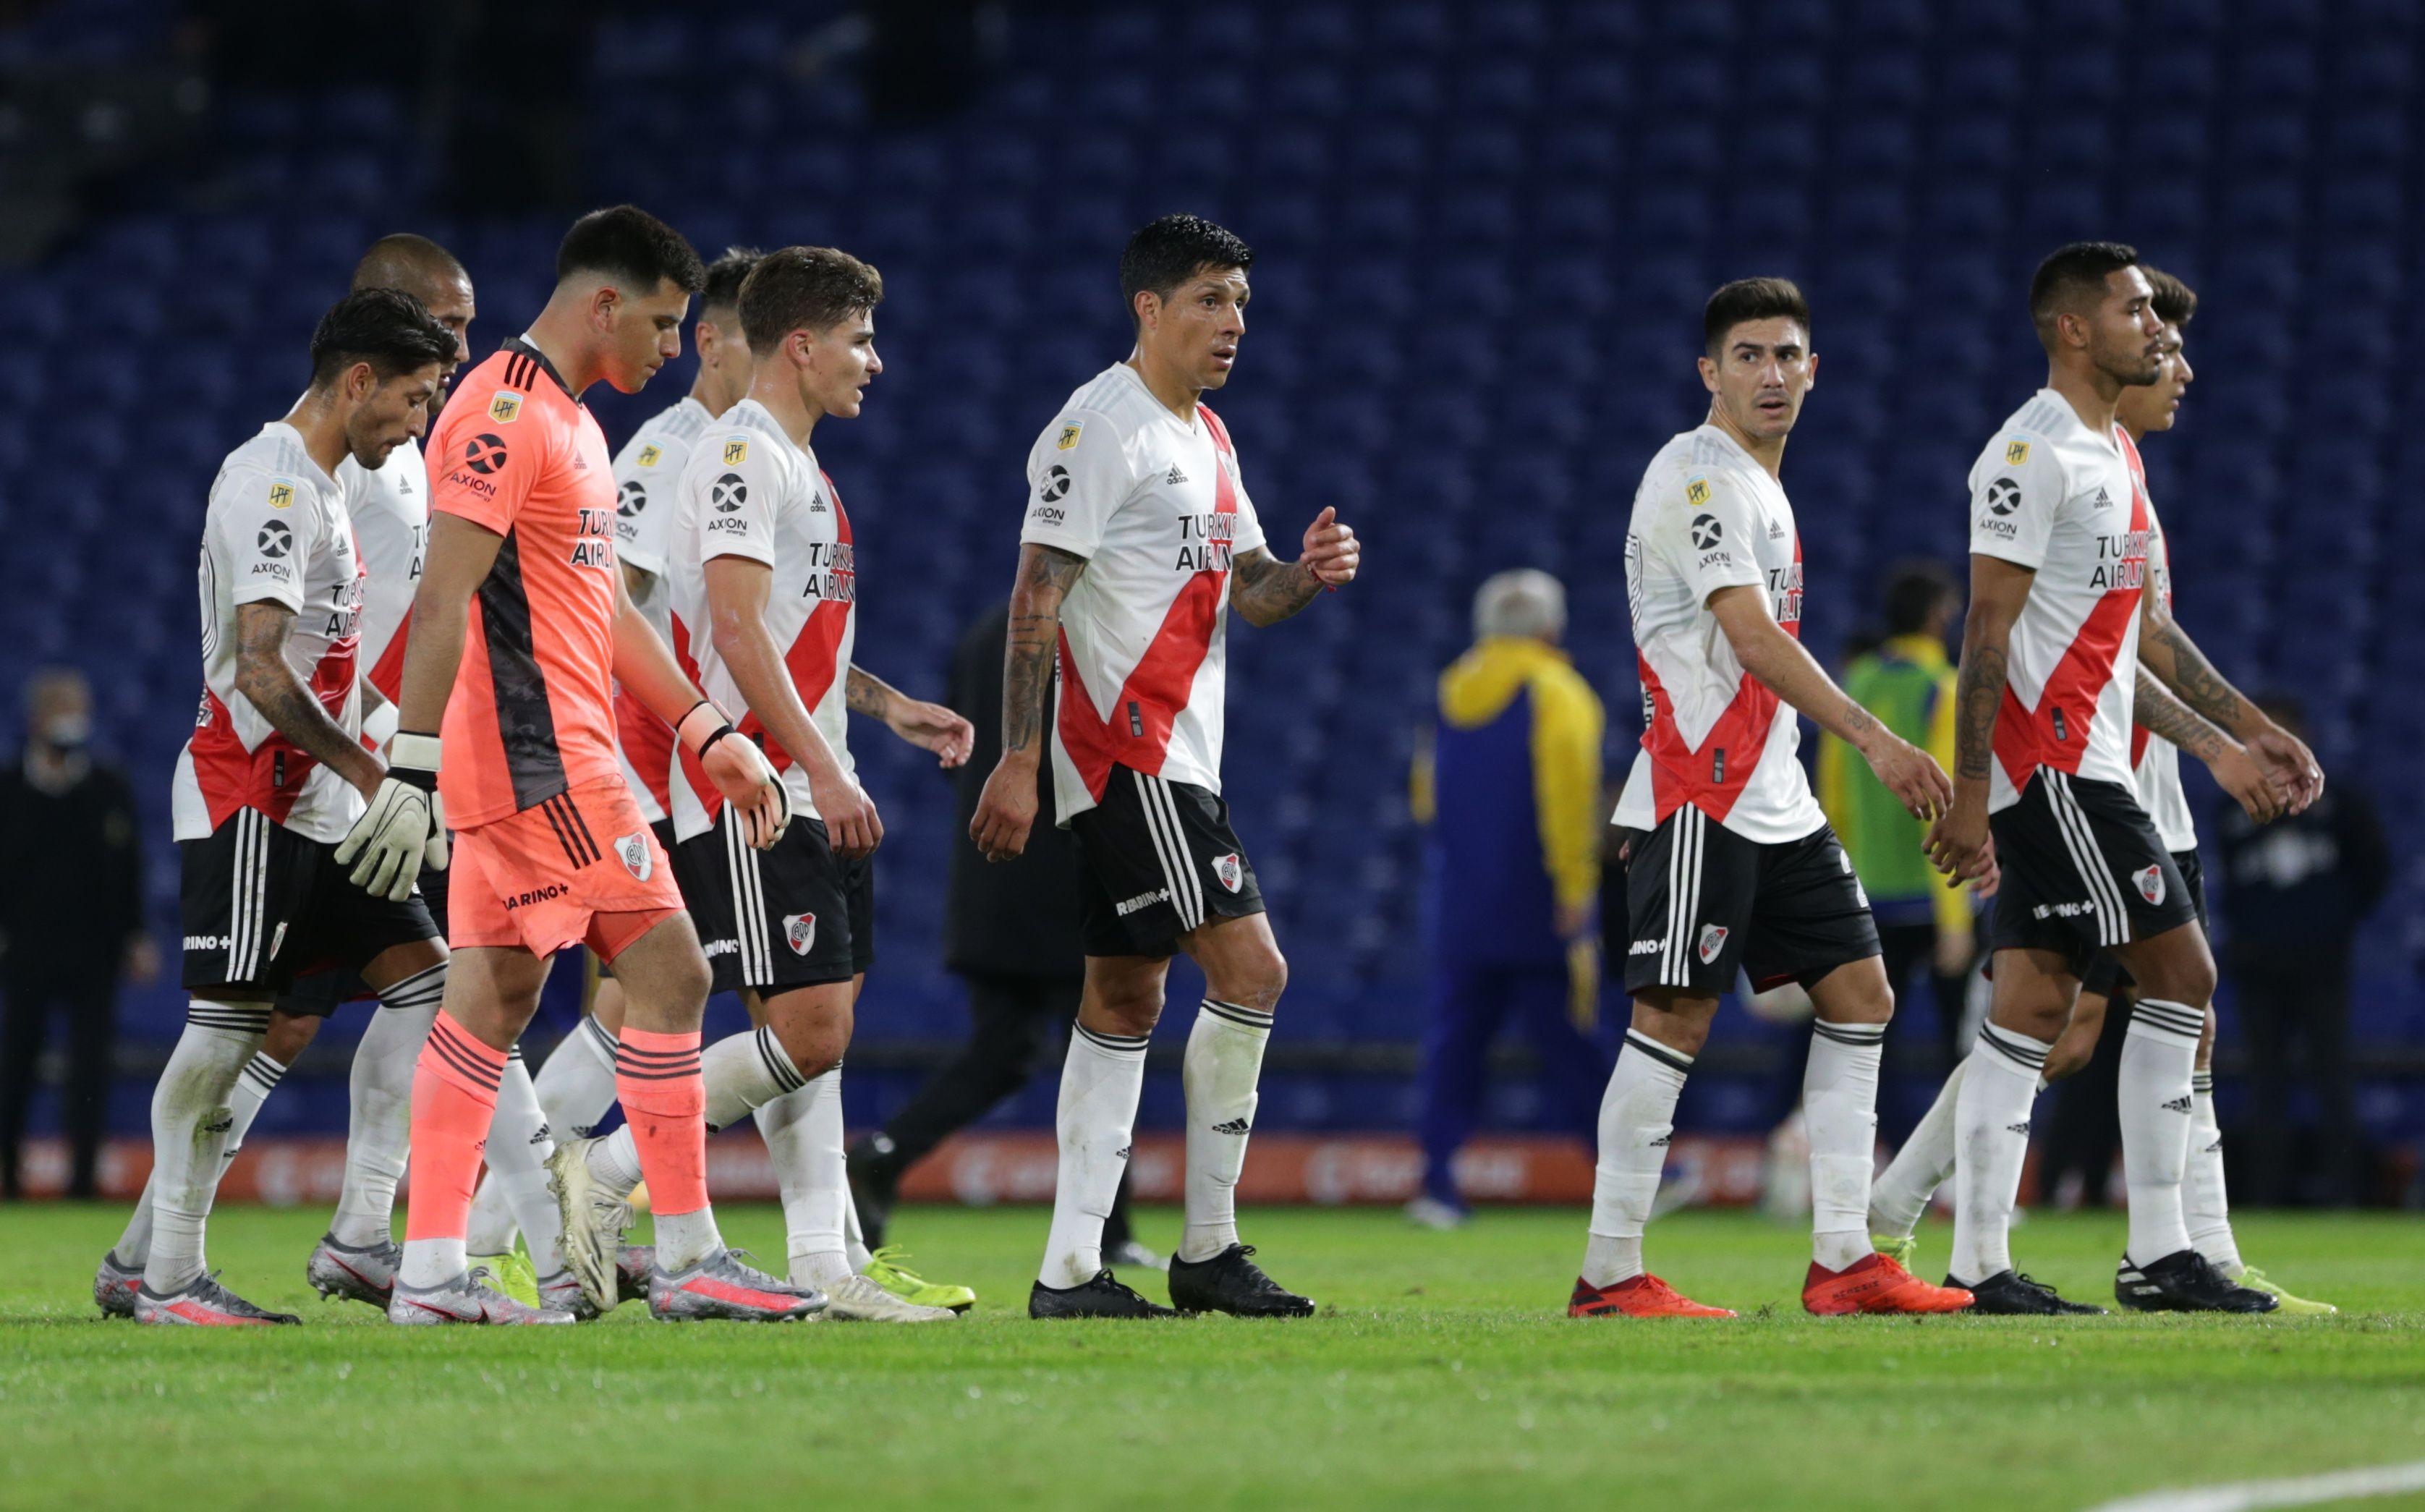 Los futbolistas de River, durante el clásico con Boca, en el que se vieron disminuidos por el COVID-19 (REUTERS/Daniel Jayo)